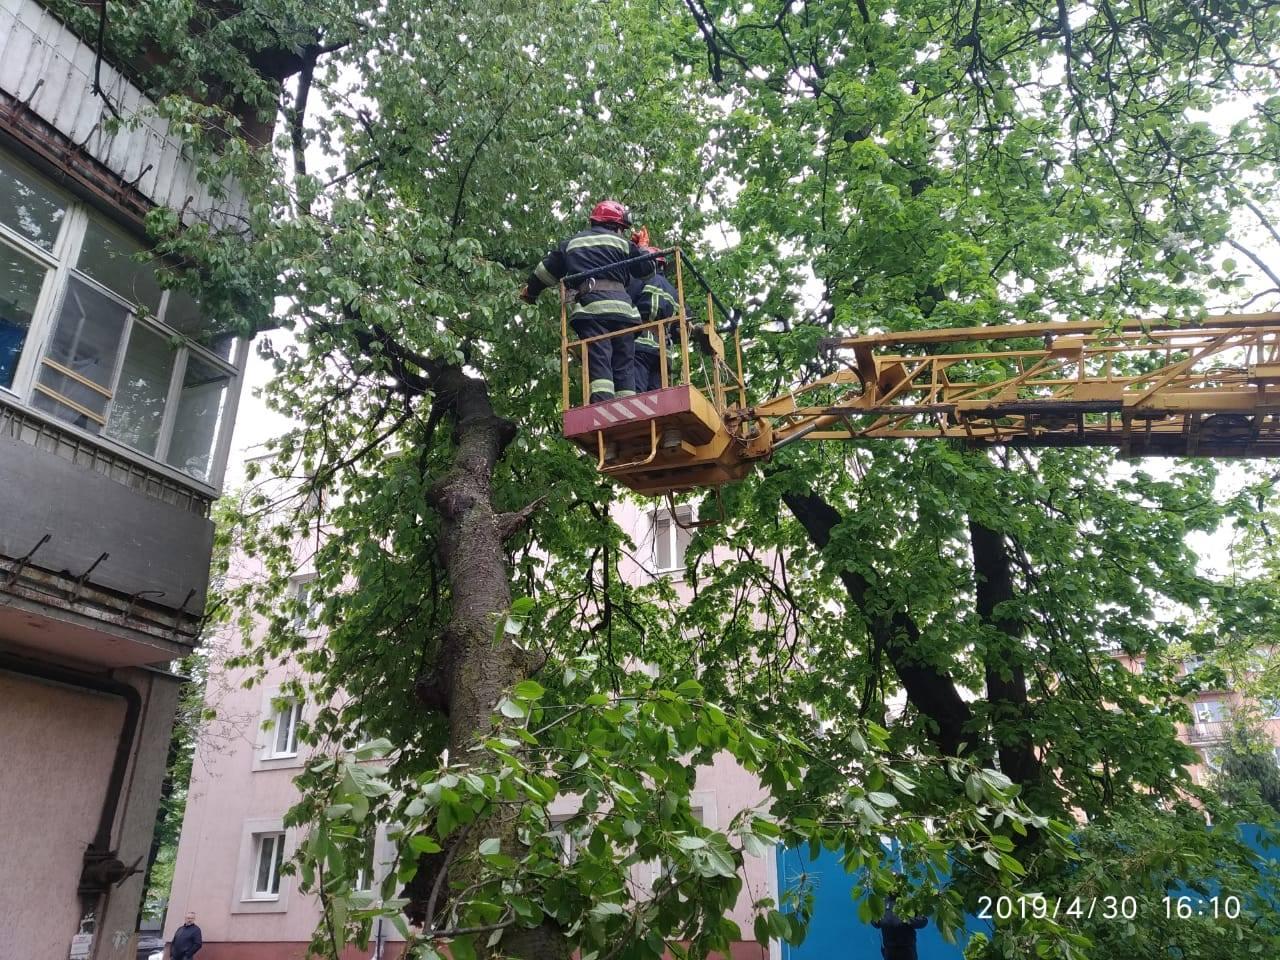 Рівненські рятувальники надали допомогу по зрізанню дерева